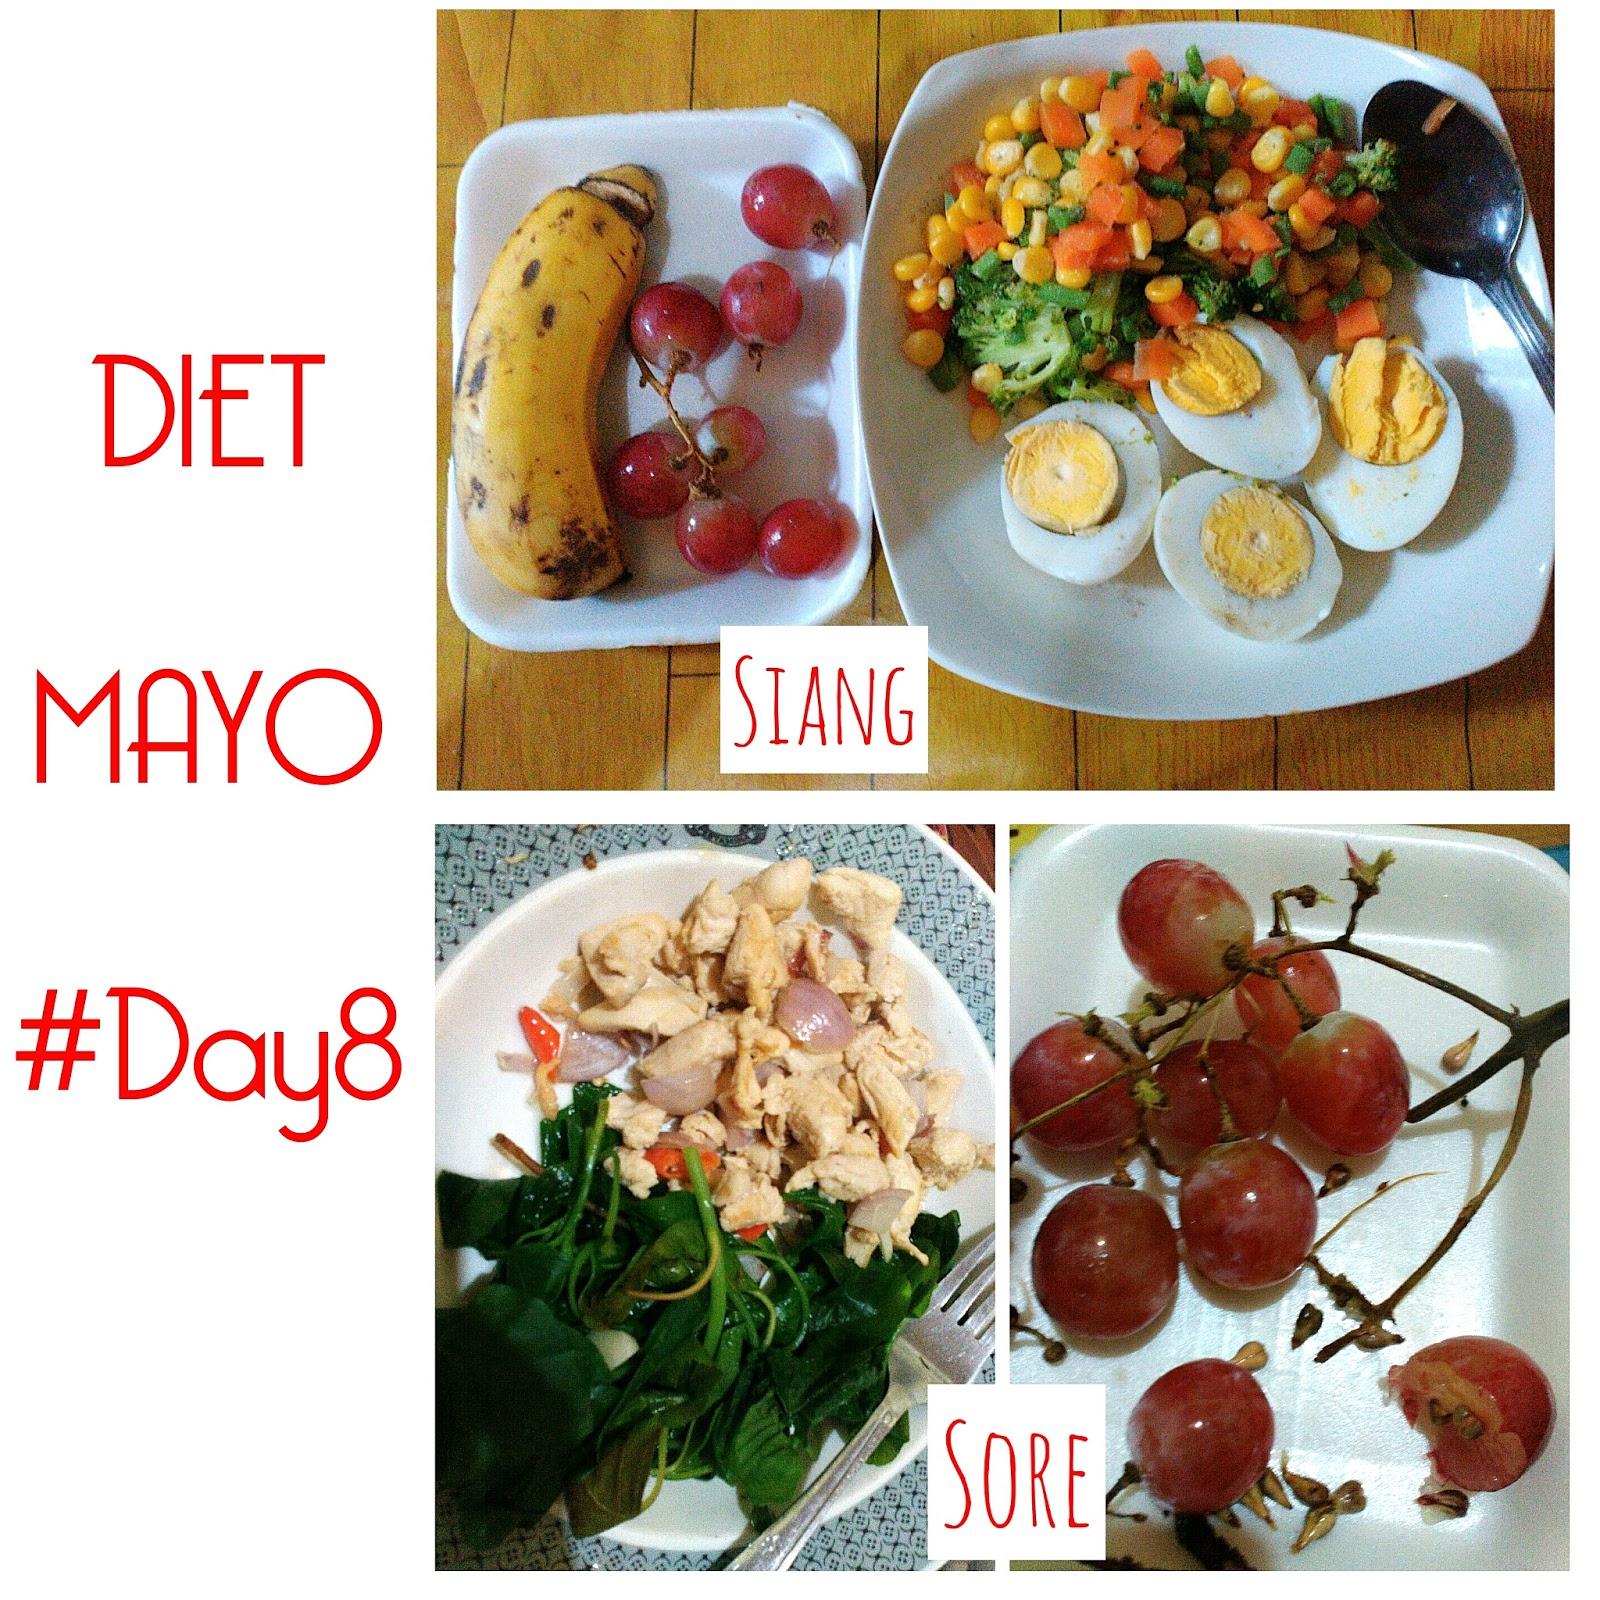 Pengalaman Diet Mayo Sehat, Turun 5Kg dalam 14 Hari